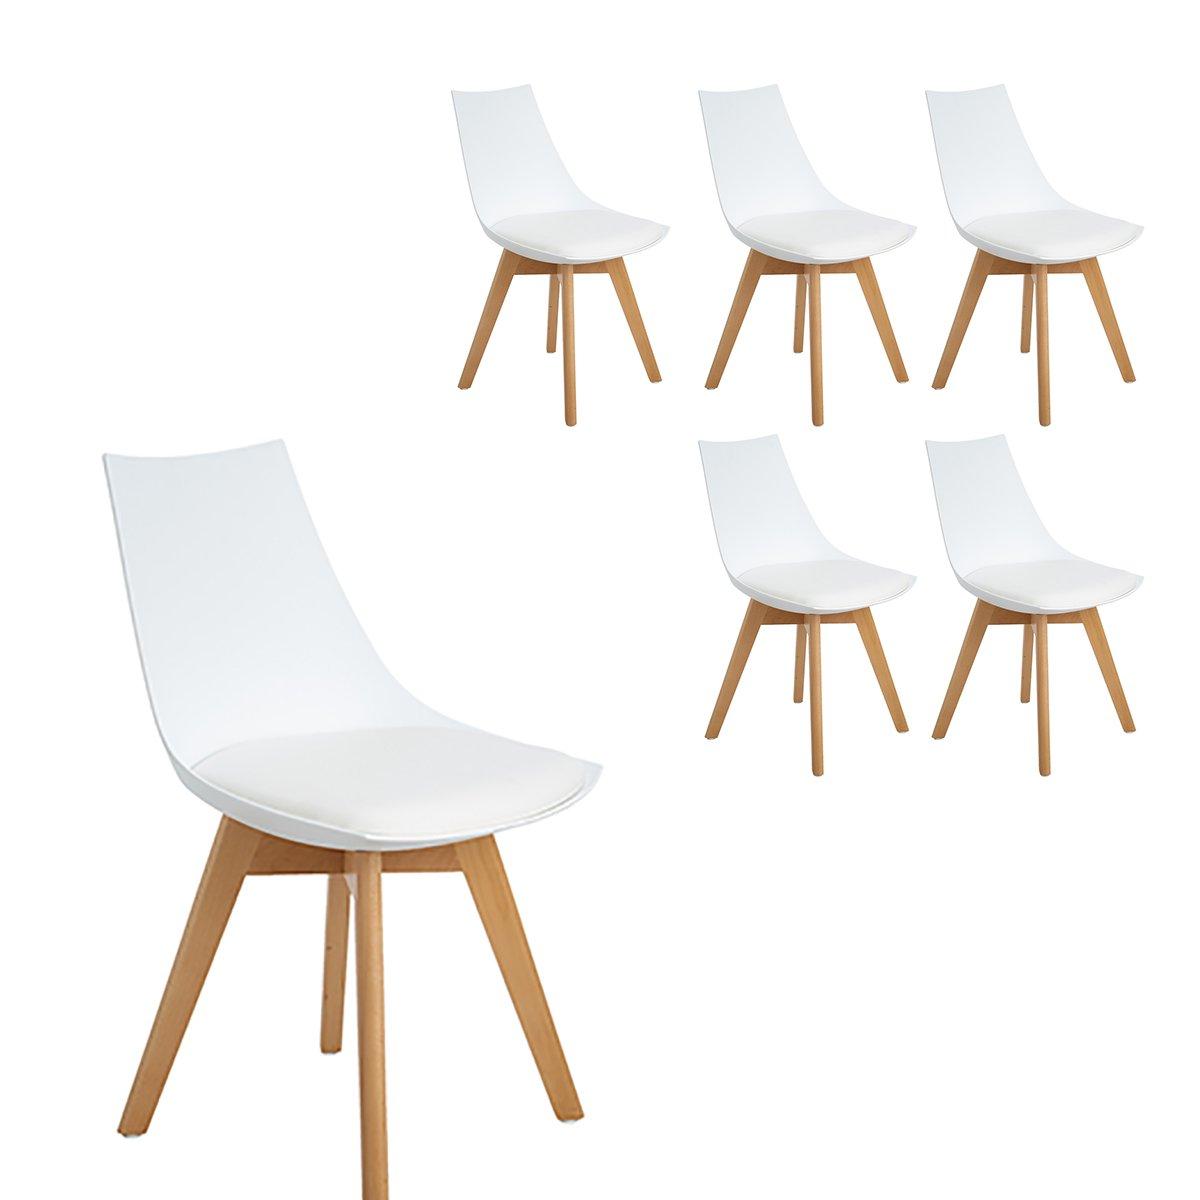 H.J WeDoo 6er Set Retro Design Stuhl Esszimmerstühle Wohnzimmerstühl mit Bequem Gepolstertem Sitz, Weiß